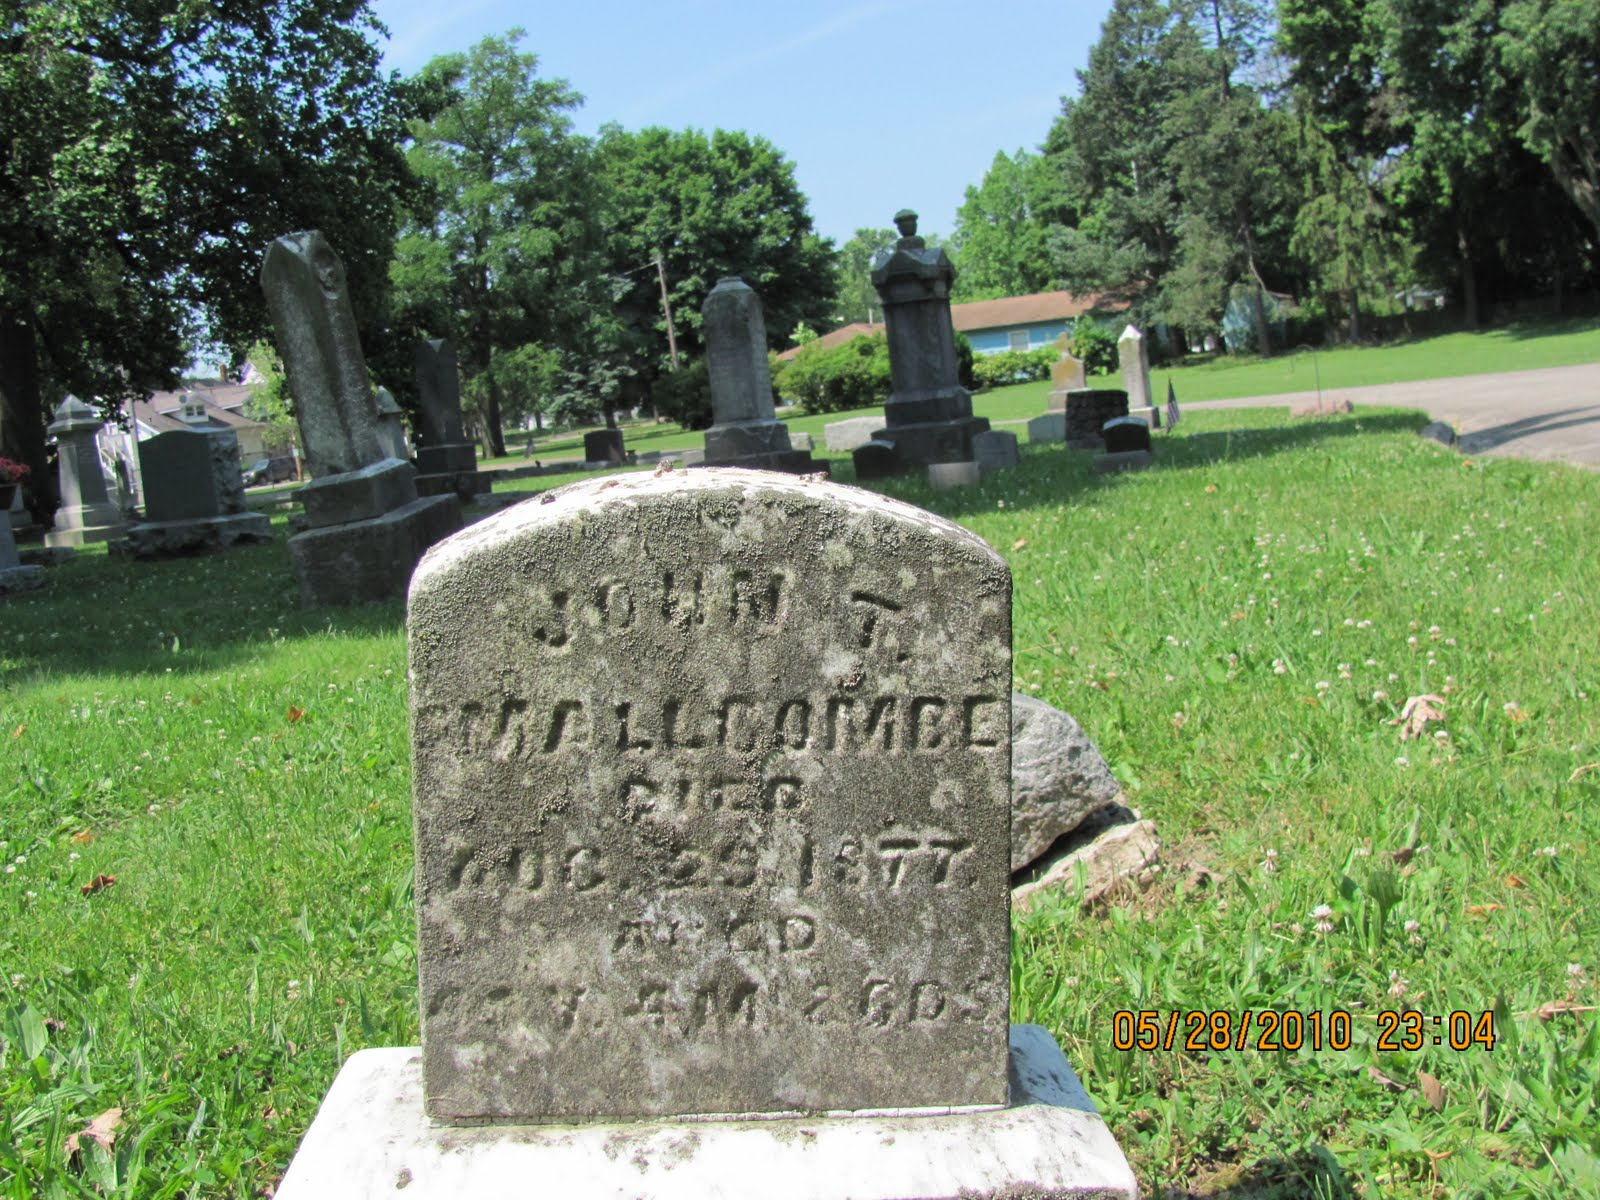 Illinois vermilion county muncie - Adelia Was Born July 31 1874 In Danville Vermilion County Illinois She Passed July 17 1900 In Danville Vermilion County Illinois